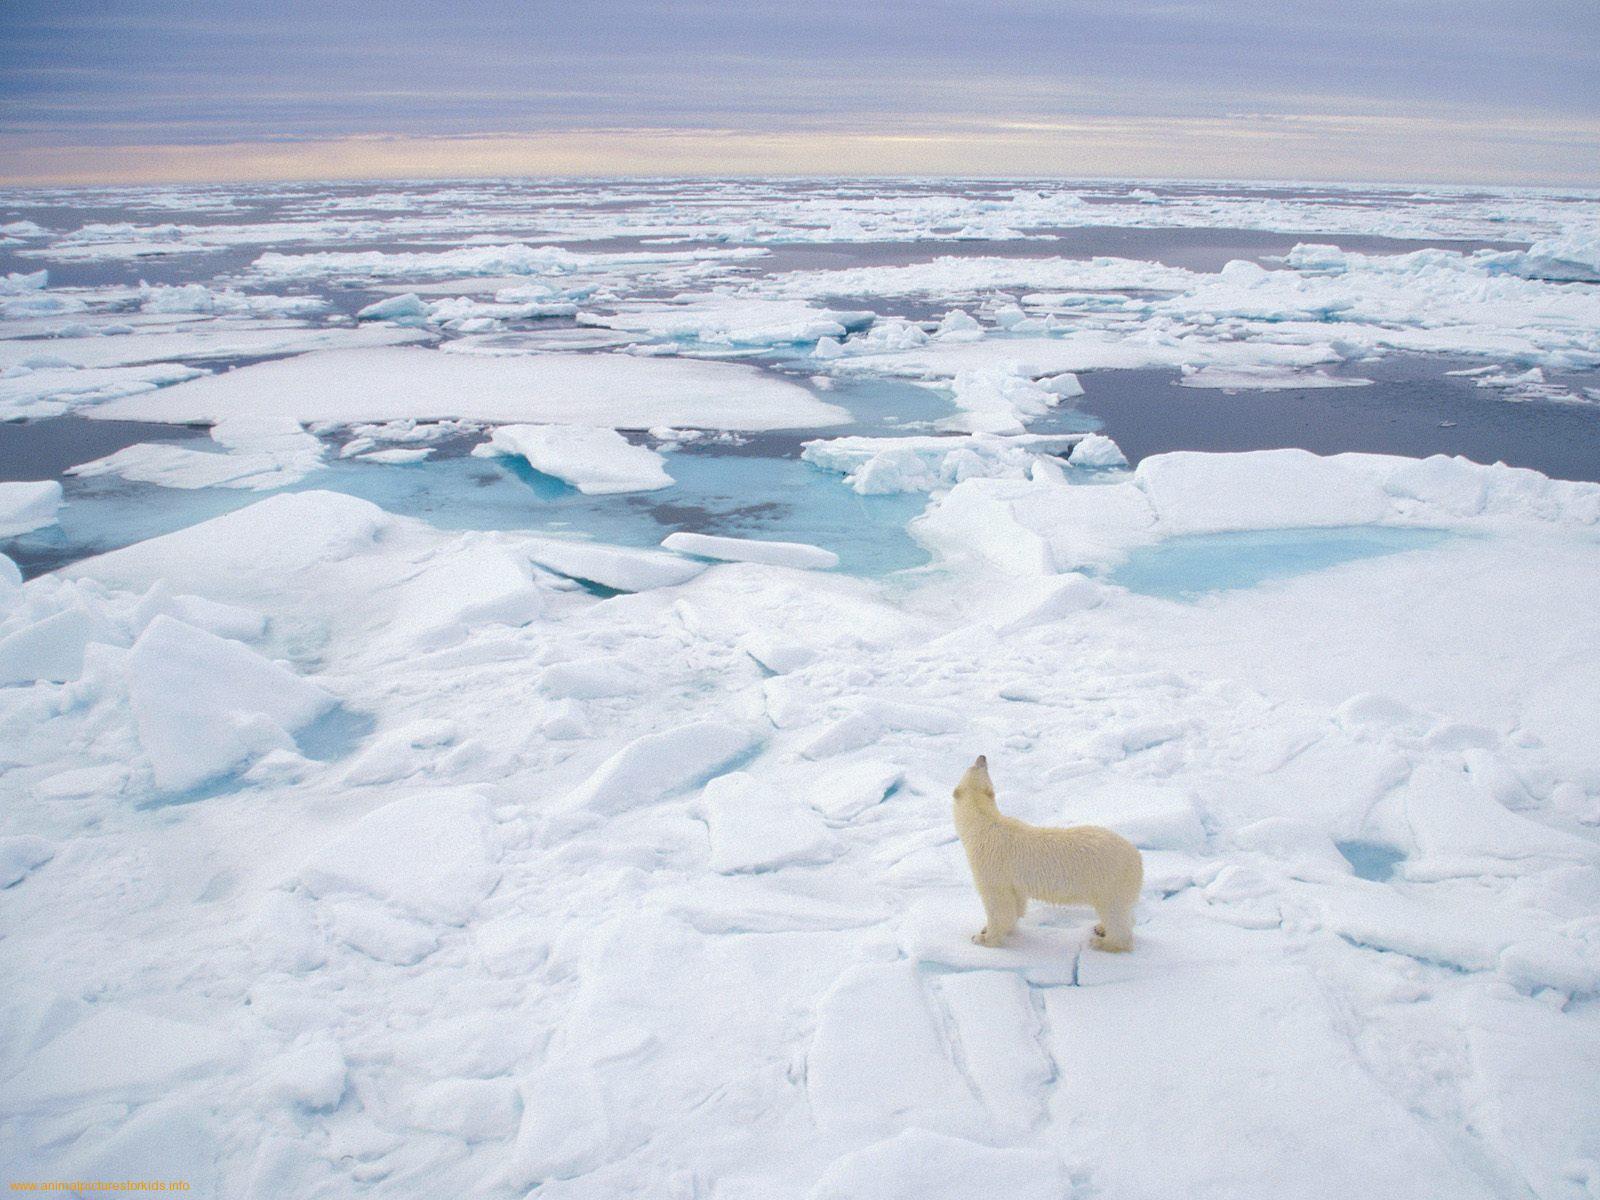 http://1.bp.blogspot.com/_O-sIn2Jn65M/TTyFYecm3RI/AAAAAAAAAWY/-OizXSDW-Io/s1600/Polar-Bear-Svalbard-Norway-1.jpeg